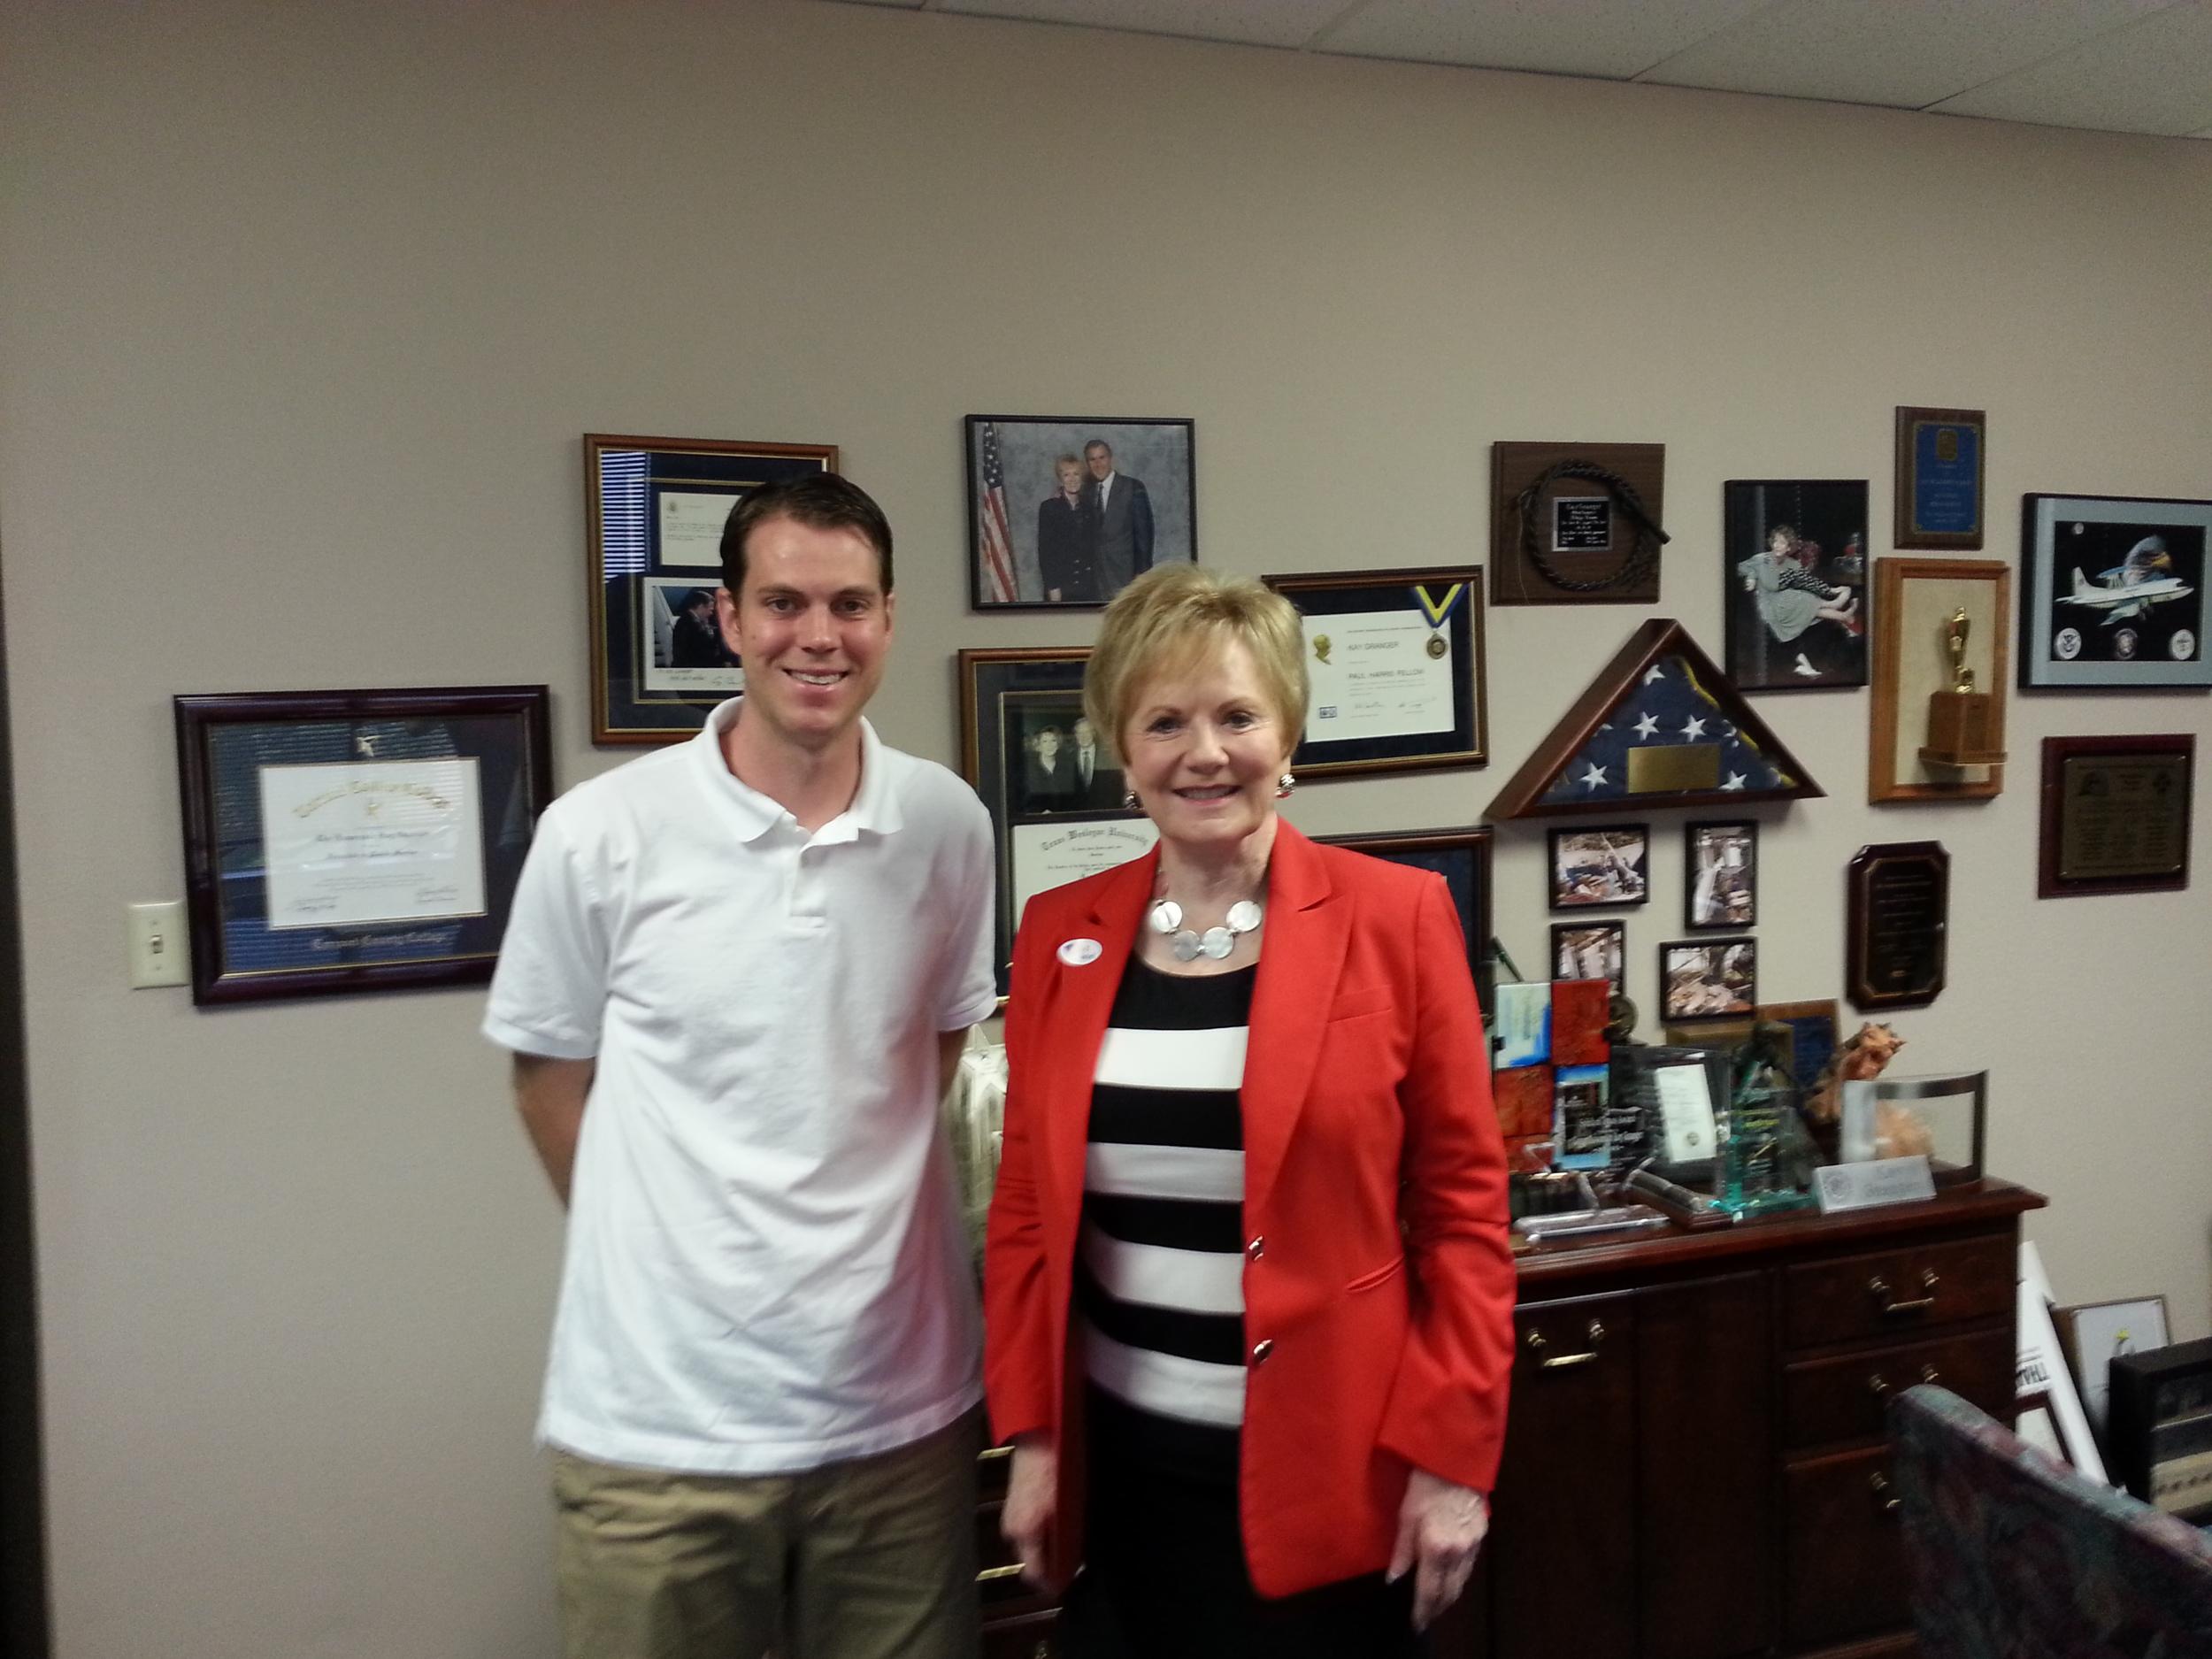 Dr. Ken Leising and Rep. Kay Granger (R-TX)